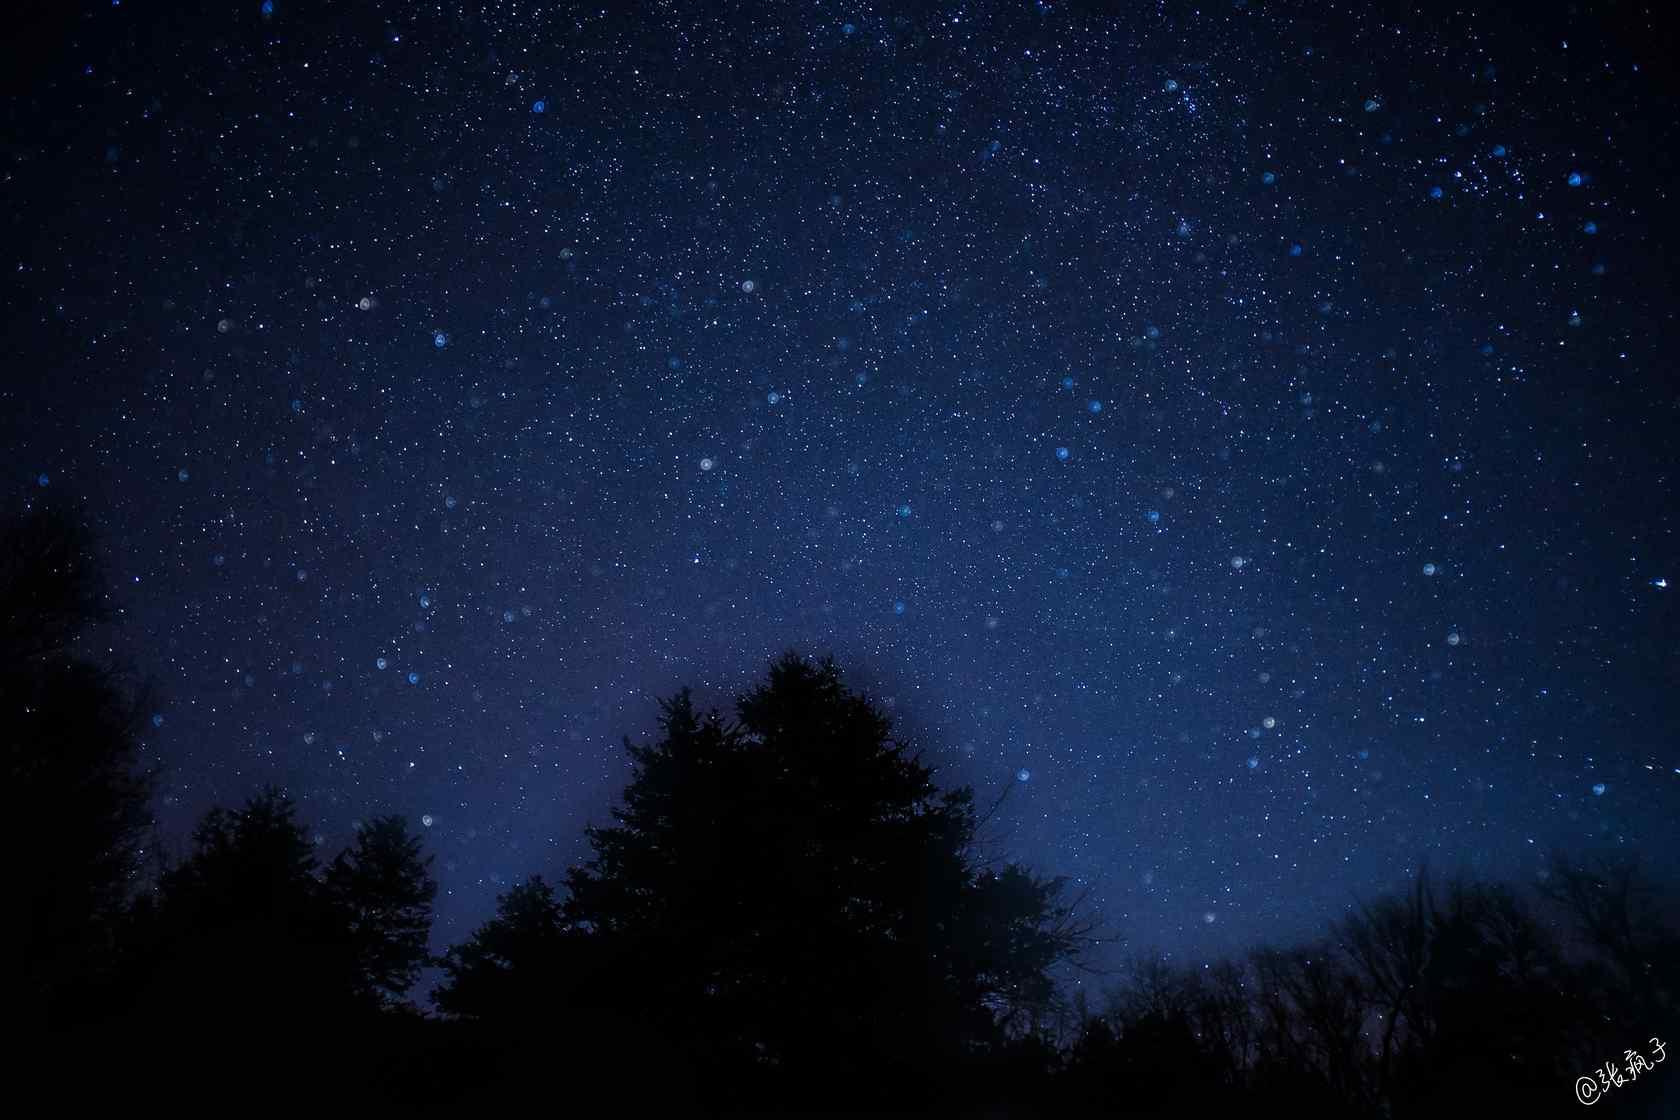 泸沽湖之星空夜景桌面壁纸